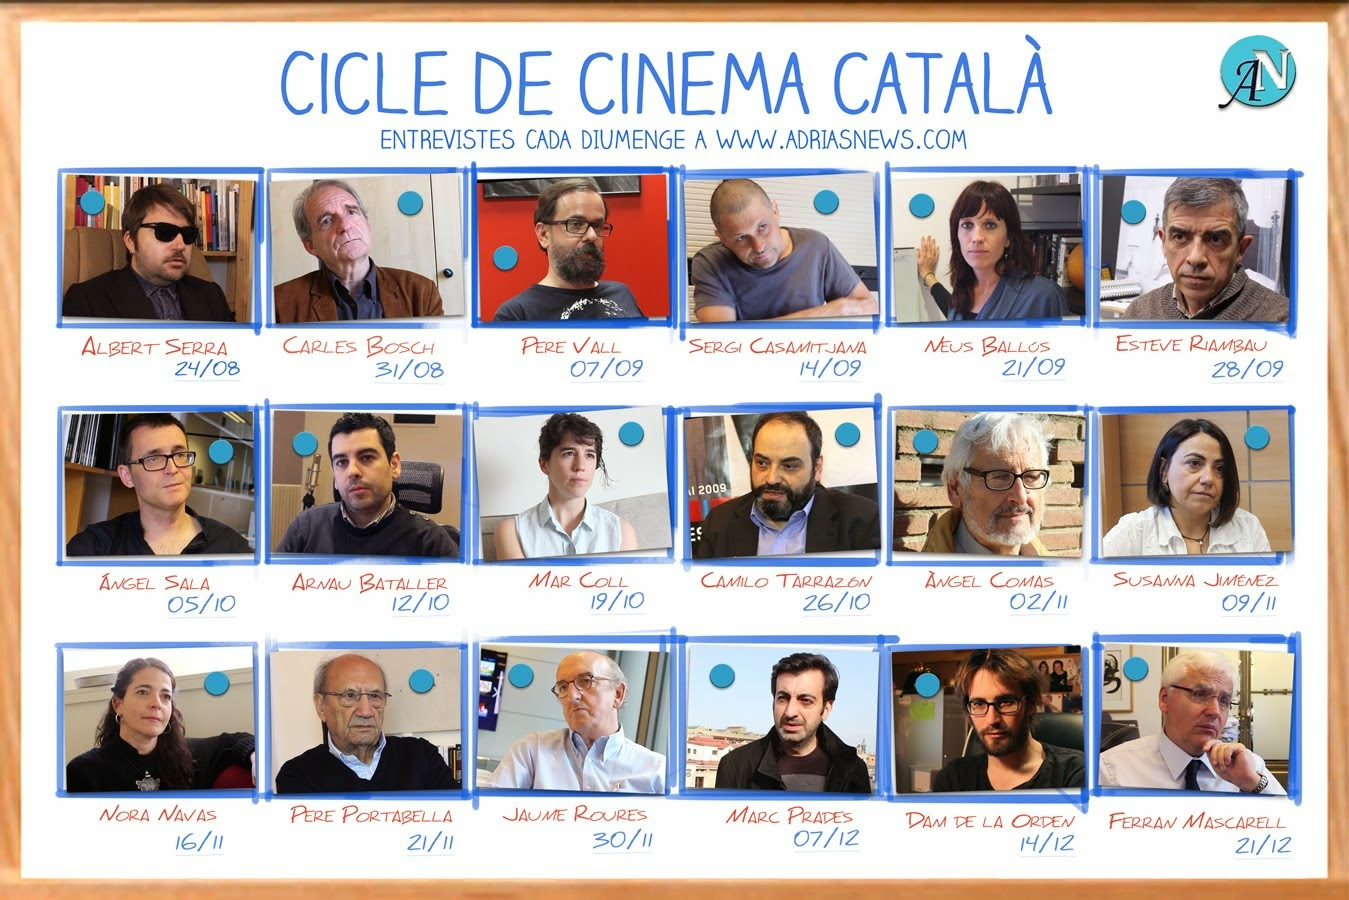 Adria's News amb el cinema català.